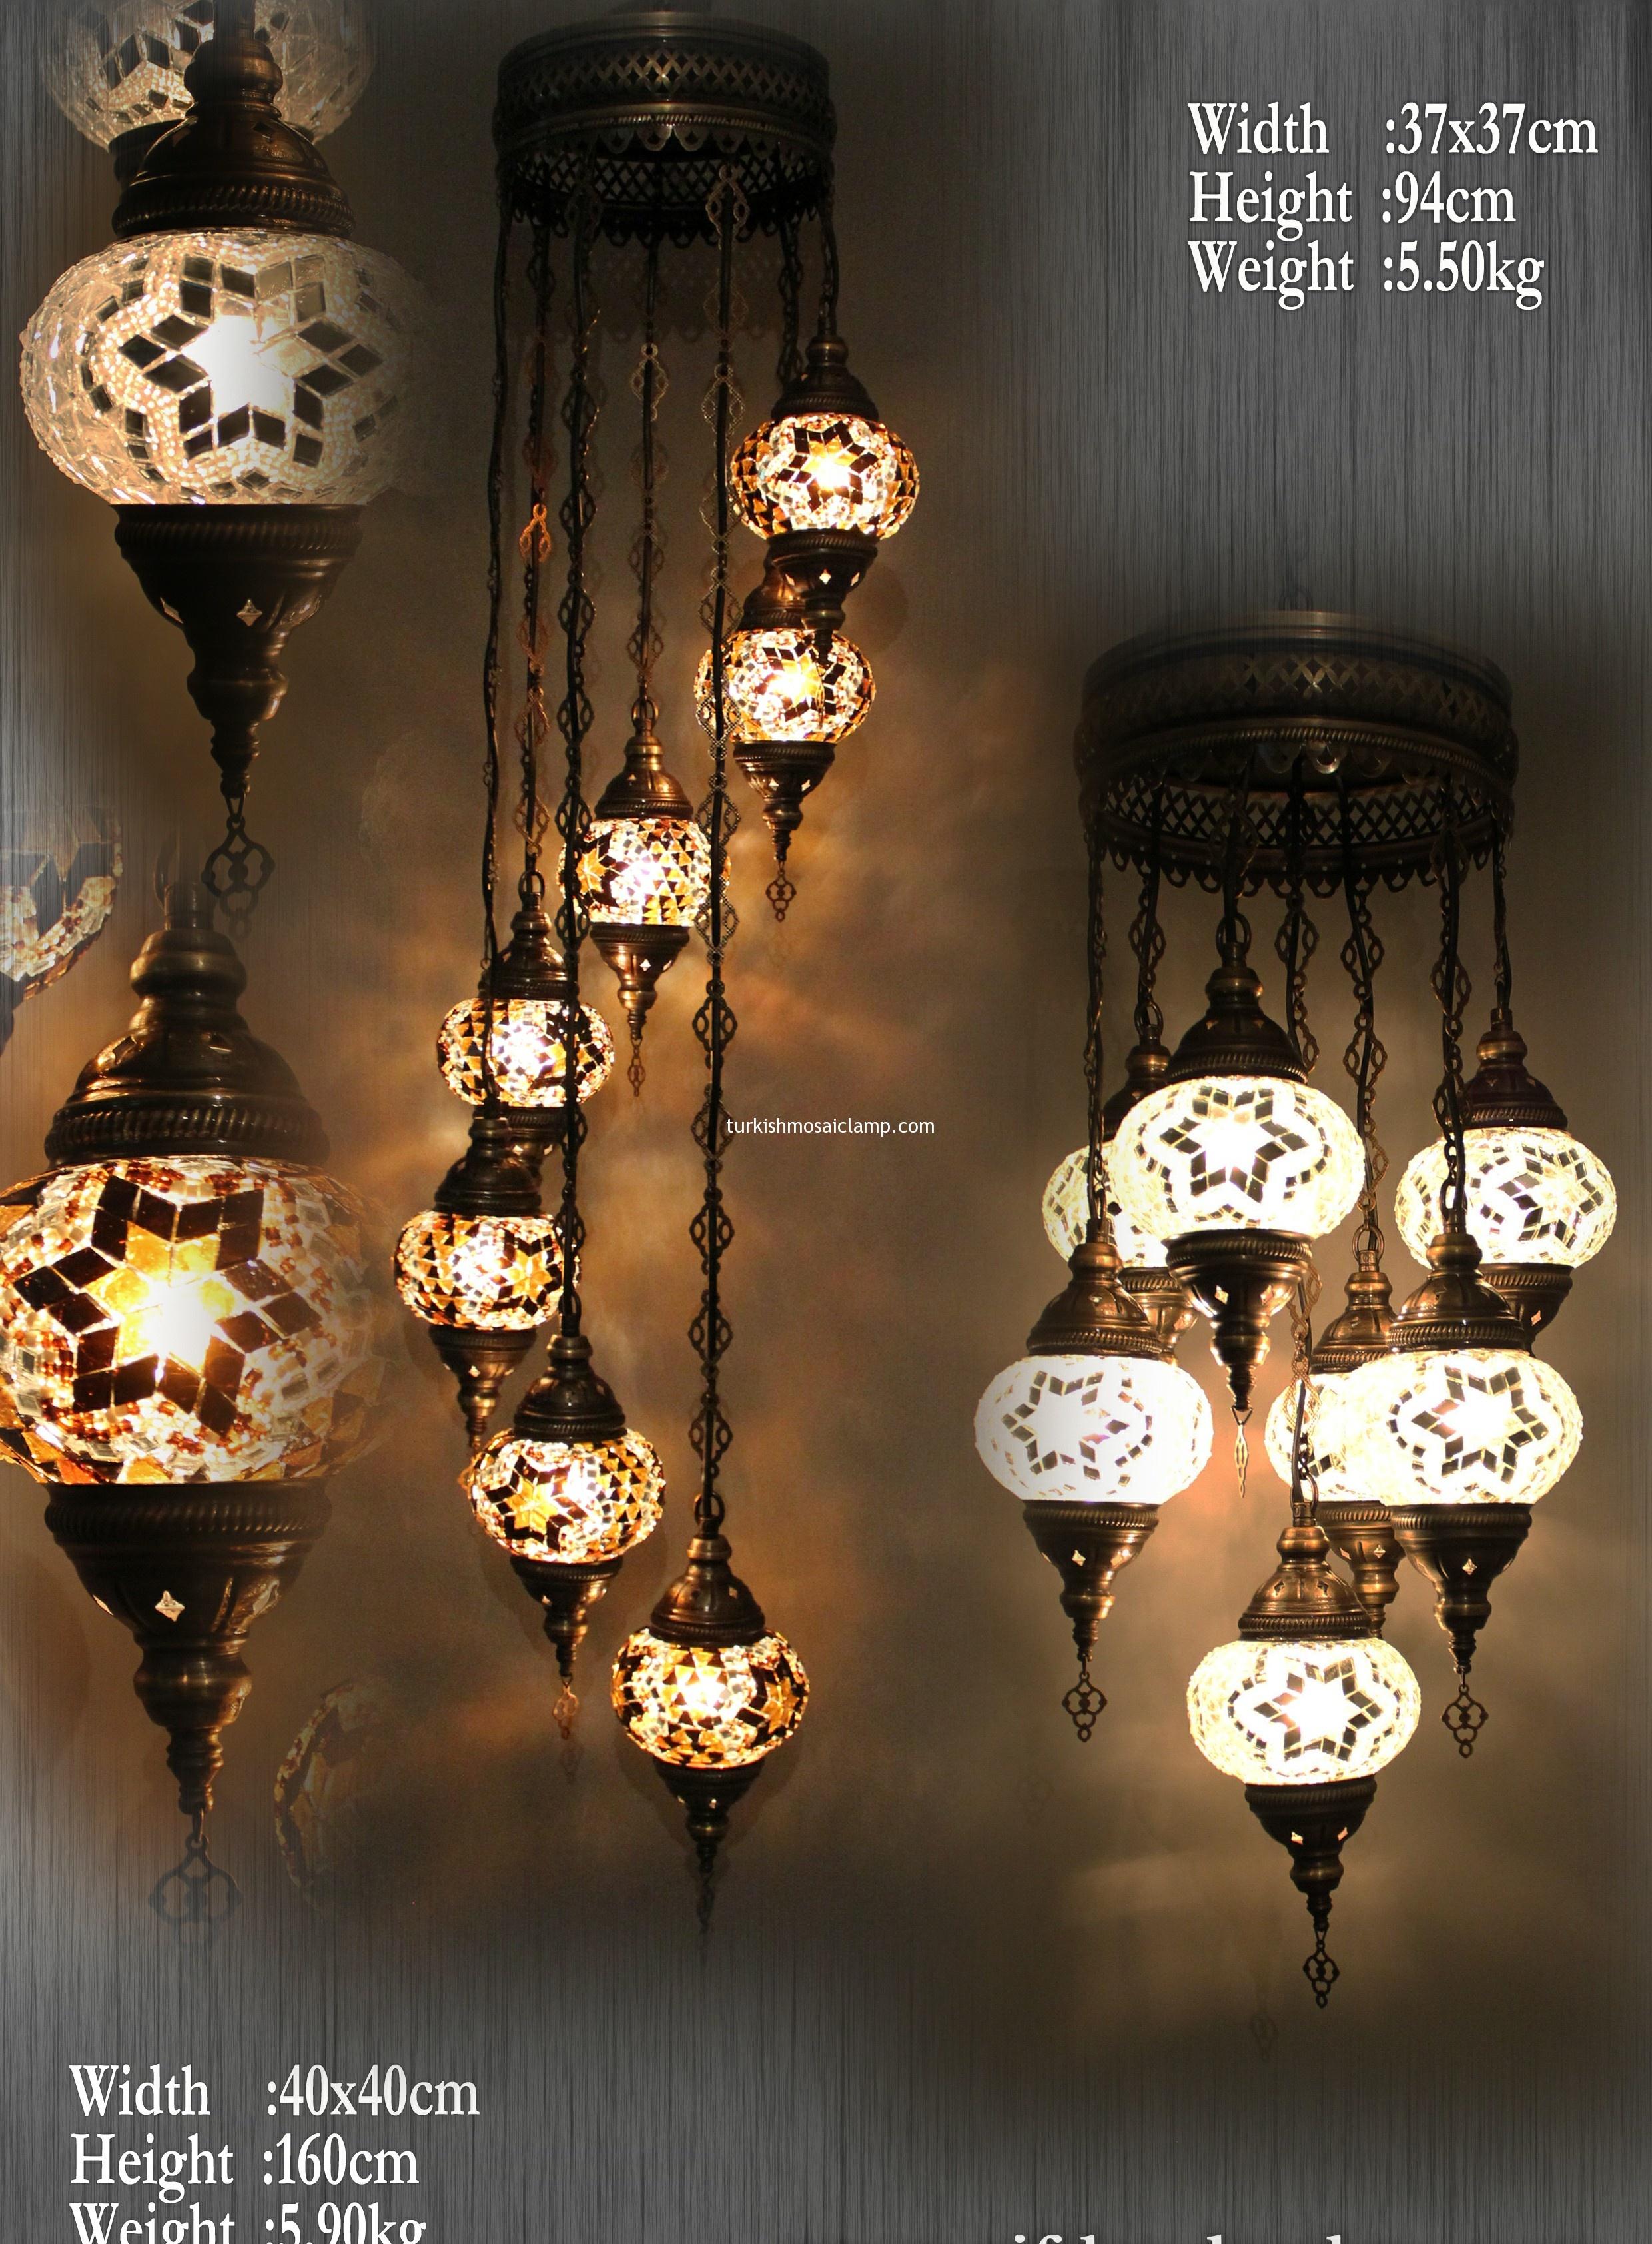 All Mosaic Lamp Catalog Mosaic Lamp Mosaic Lamp Exporter